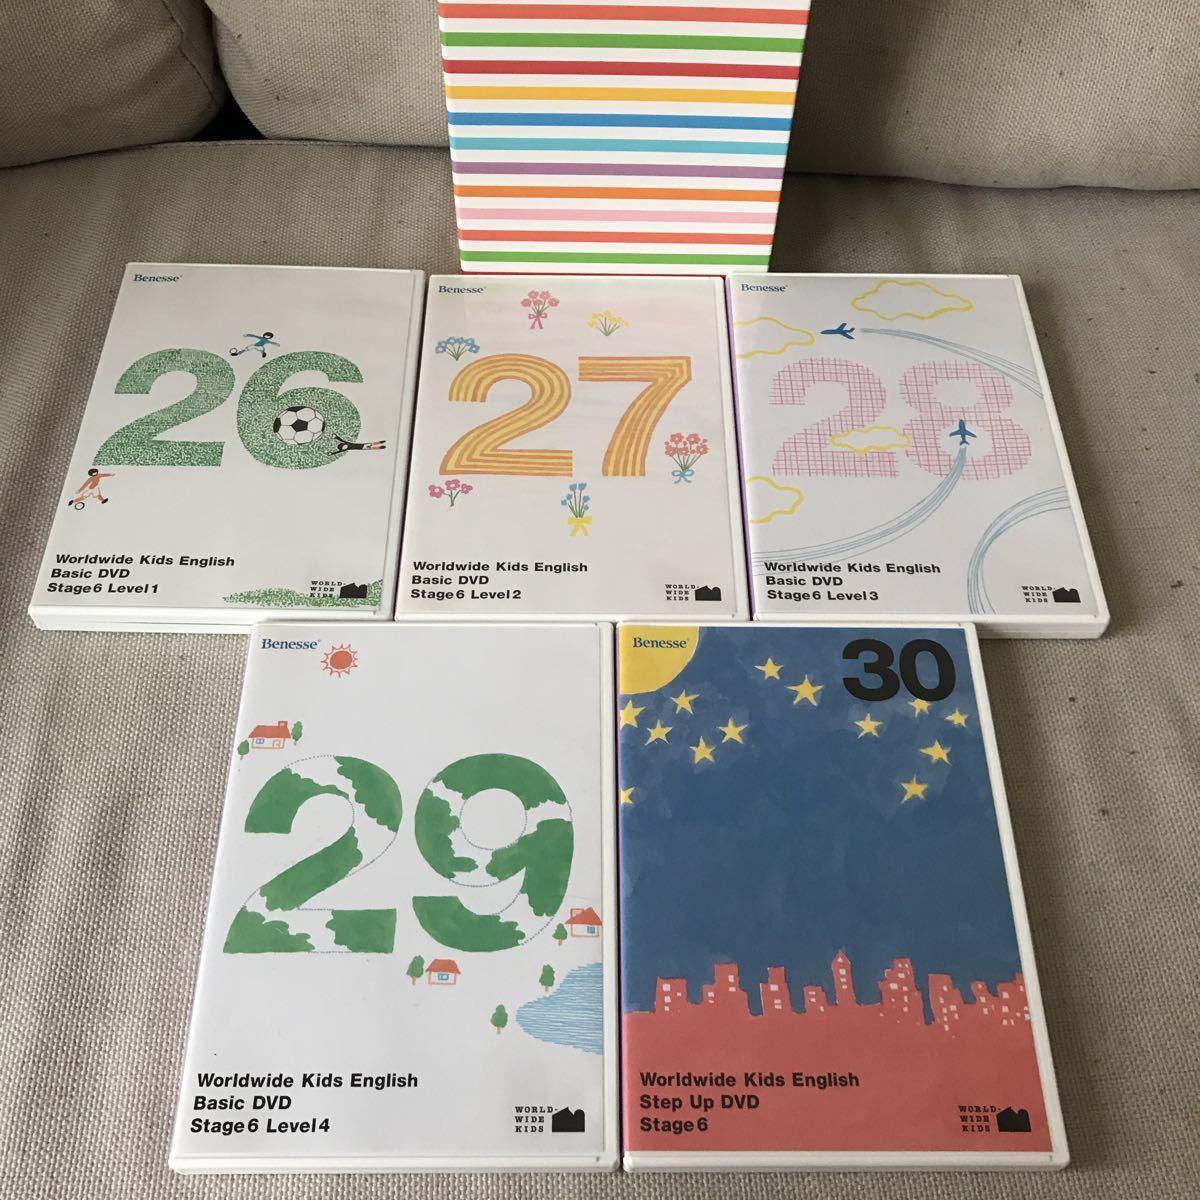 美品 ワールドワイドキッズ DVD stage6 ステージ6 5枚 英語 教材 ベネッセ WKE_画像2